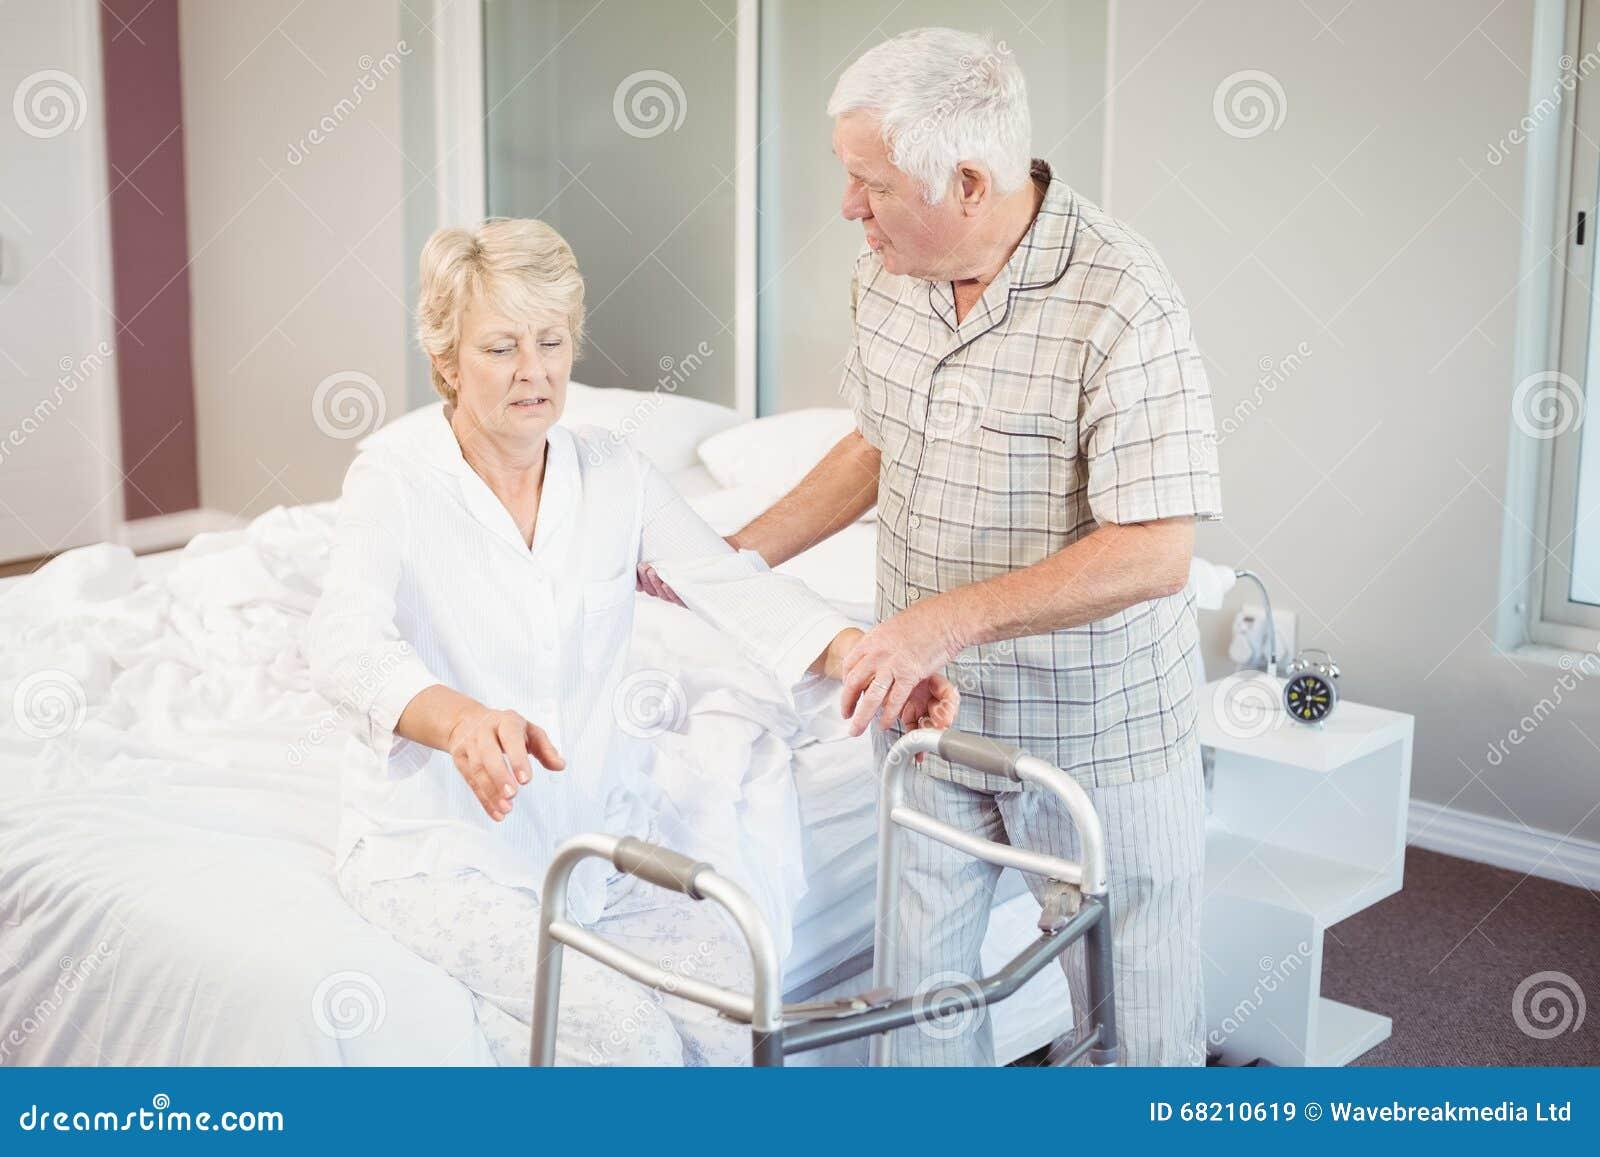 Älterer Mann, der kranke Frau beim Aufstehen vom Bett unterstützt